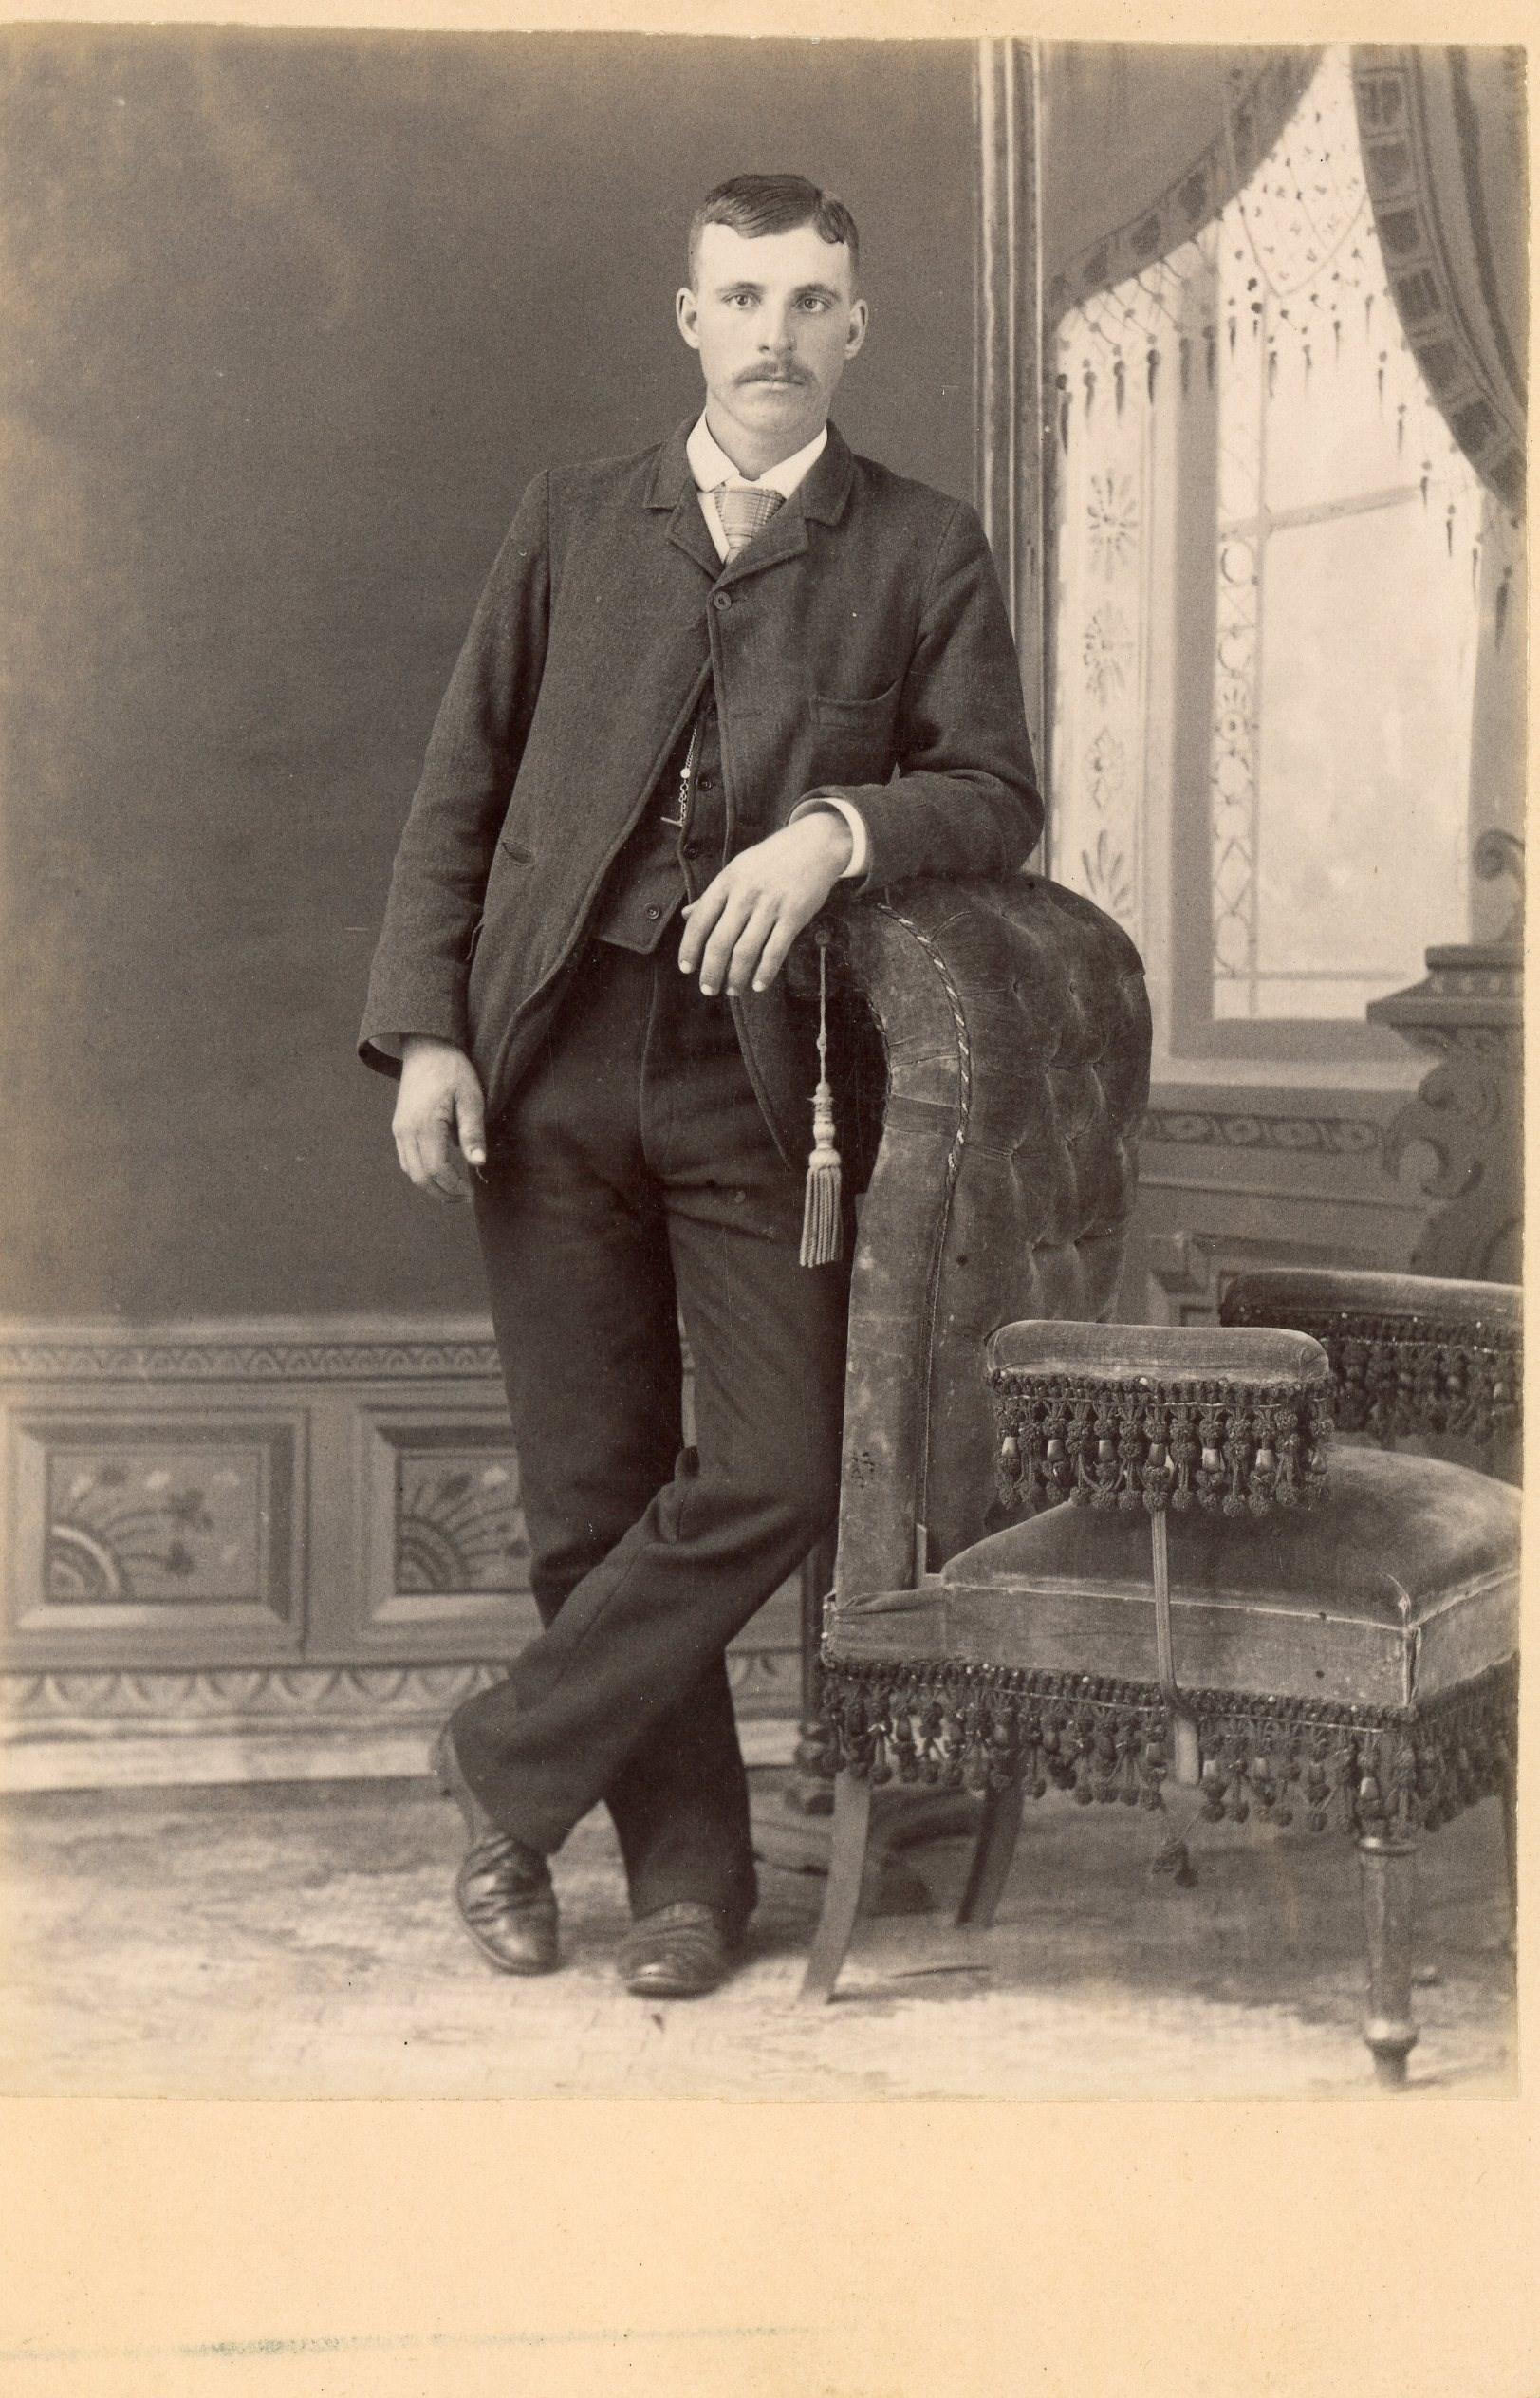 Isaiah Fawkes